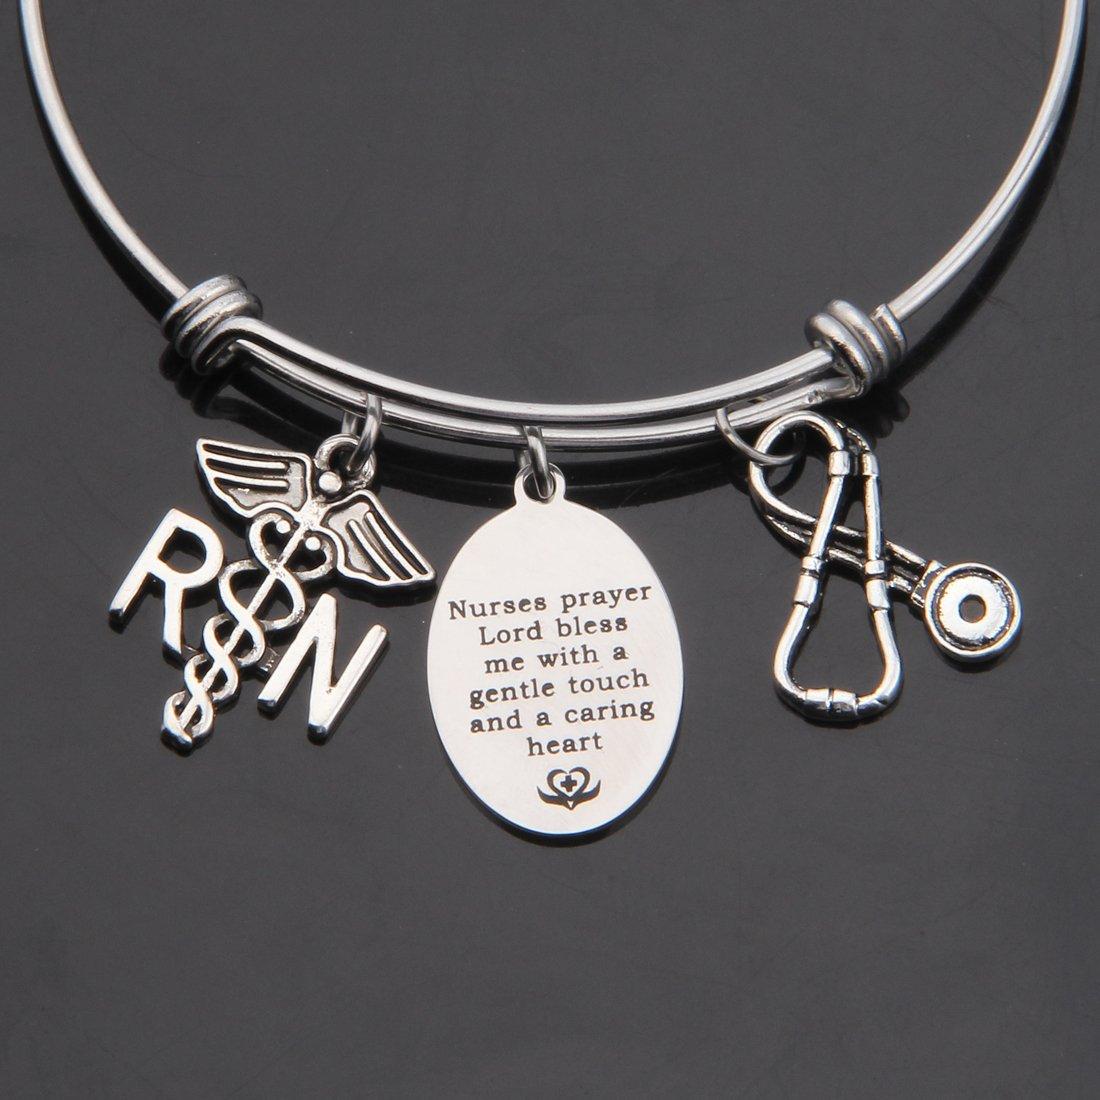 Amazon.com: kuiyai oración collar pulsera de enfermera con ...